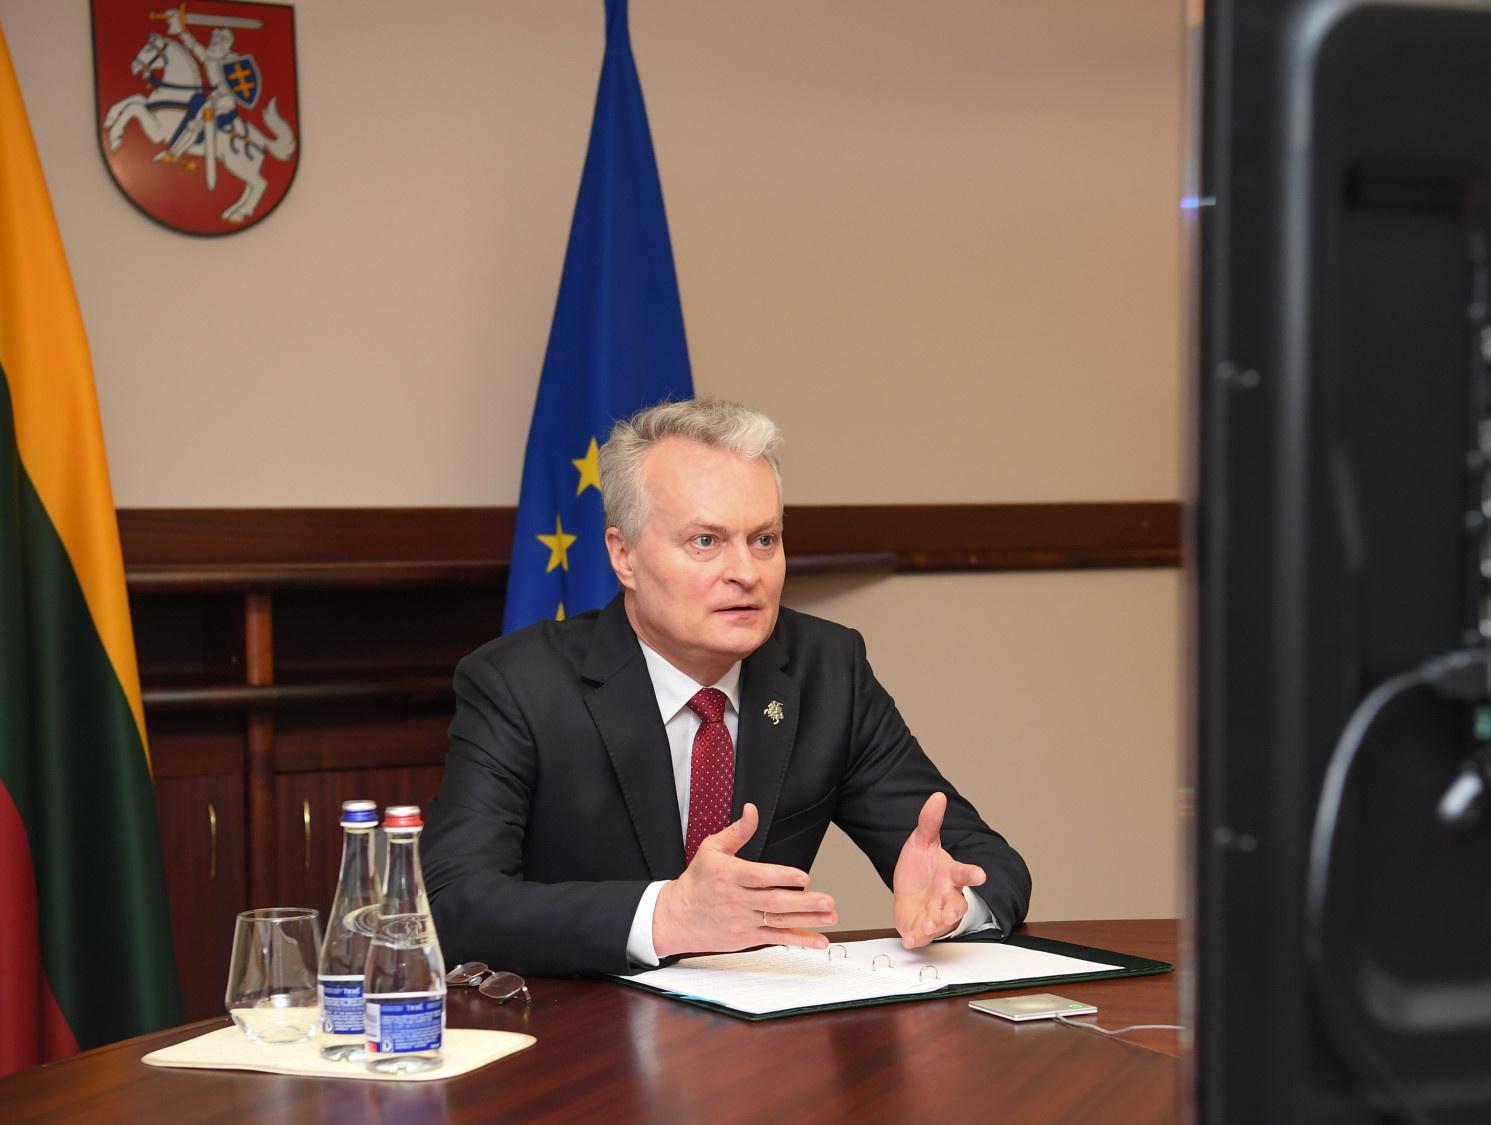 Prezidentas G. Nausėda pakvietė pasaulio lietuvius aktyviai dalyvauti Seimo rinkimuose